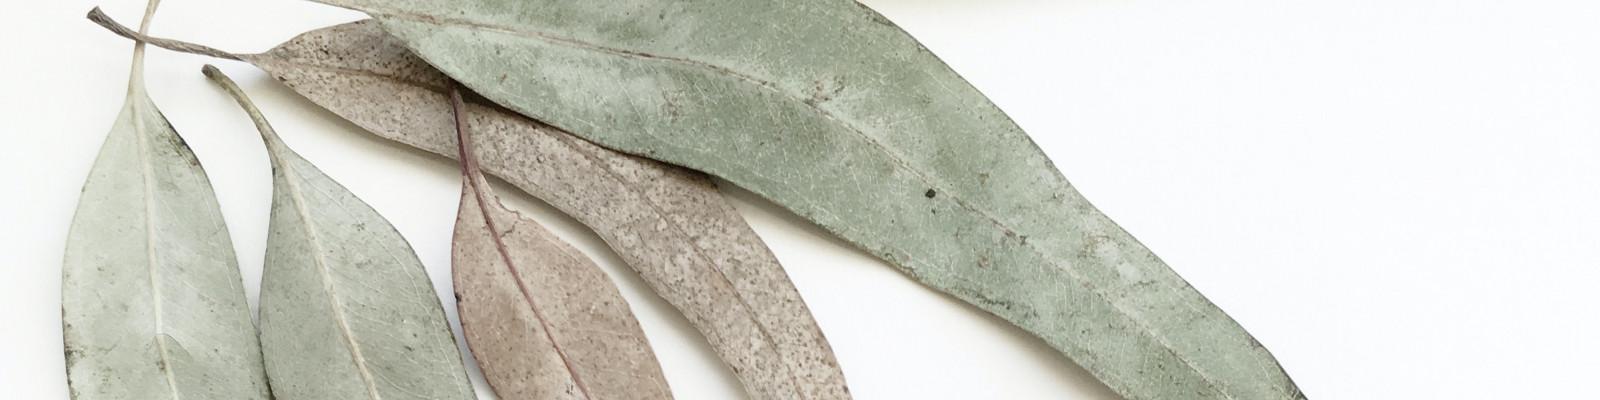 Australian gim leaves